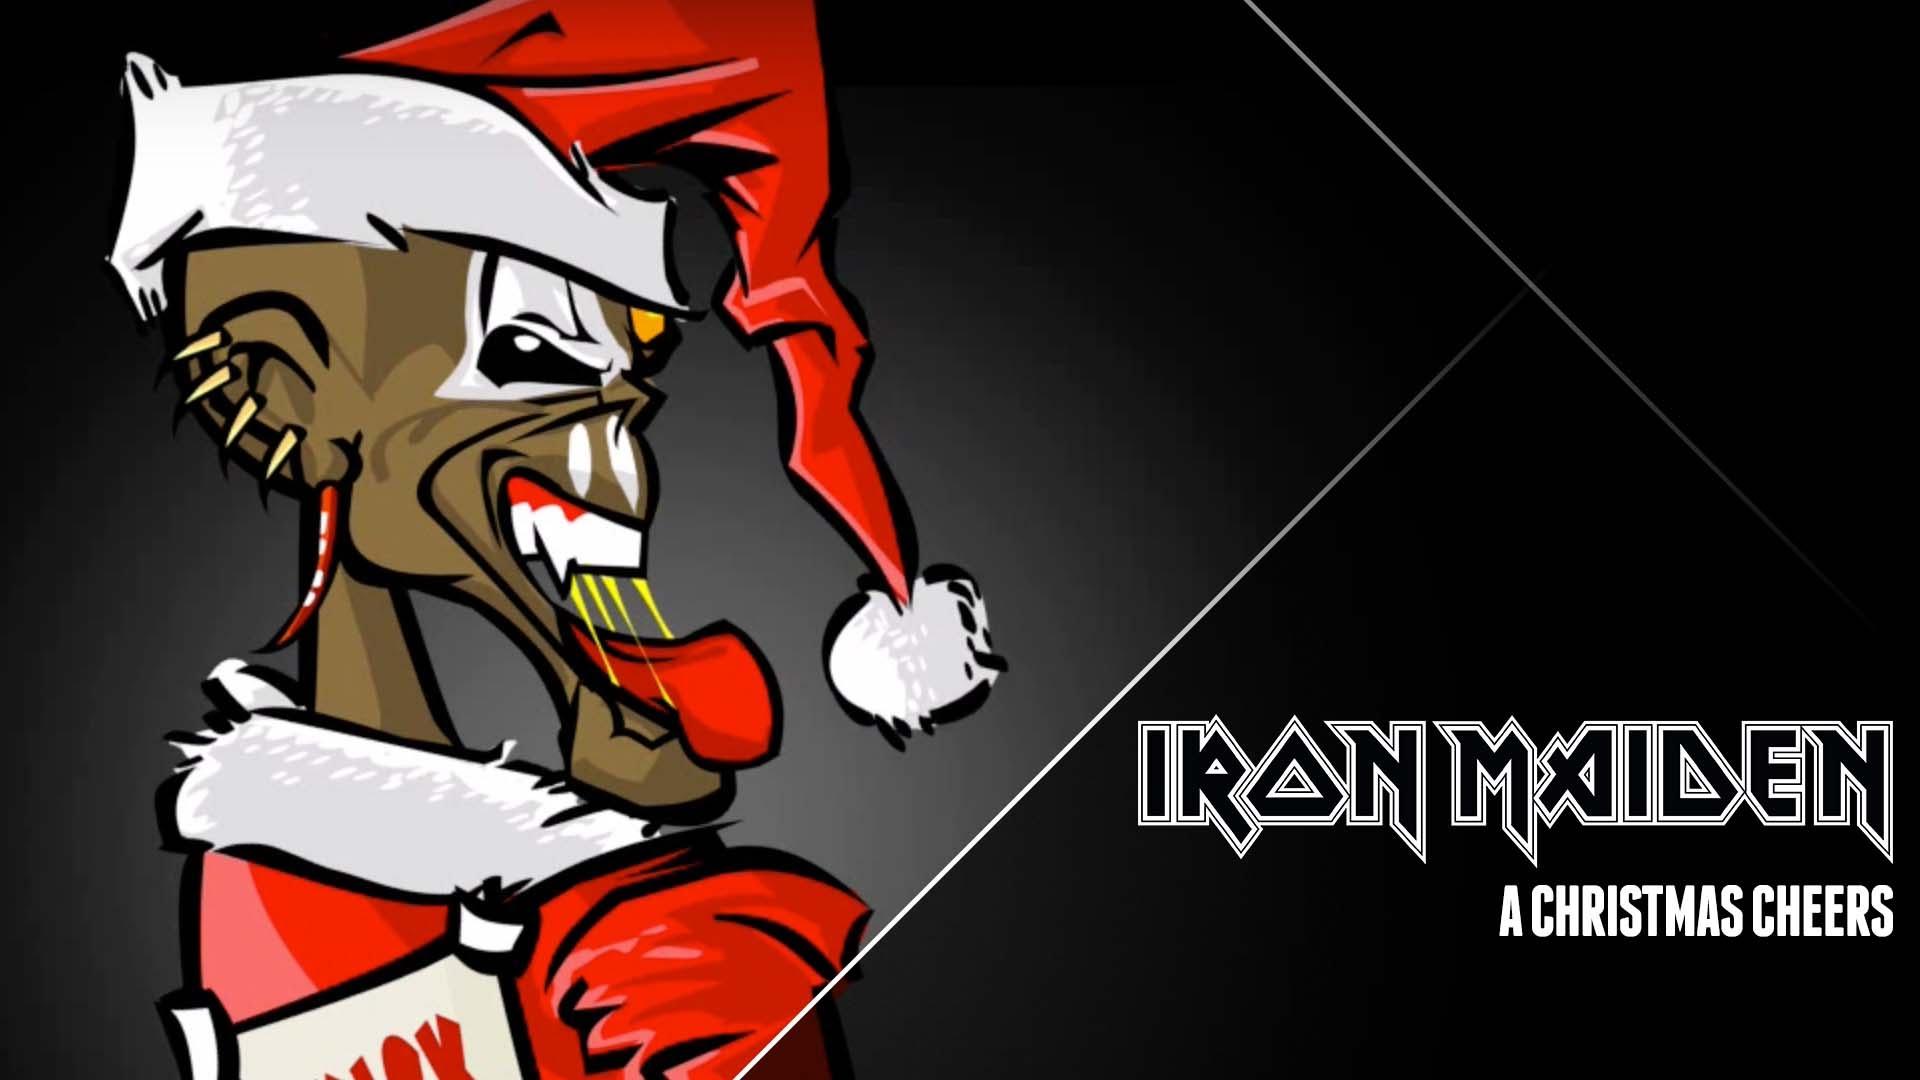 Presentaciones Feliz Navidad.Feliz Navidad De Parte De Iron Maiden